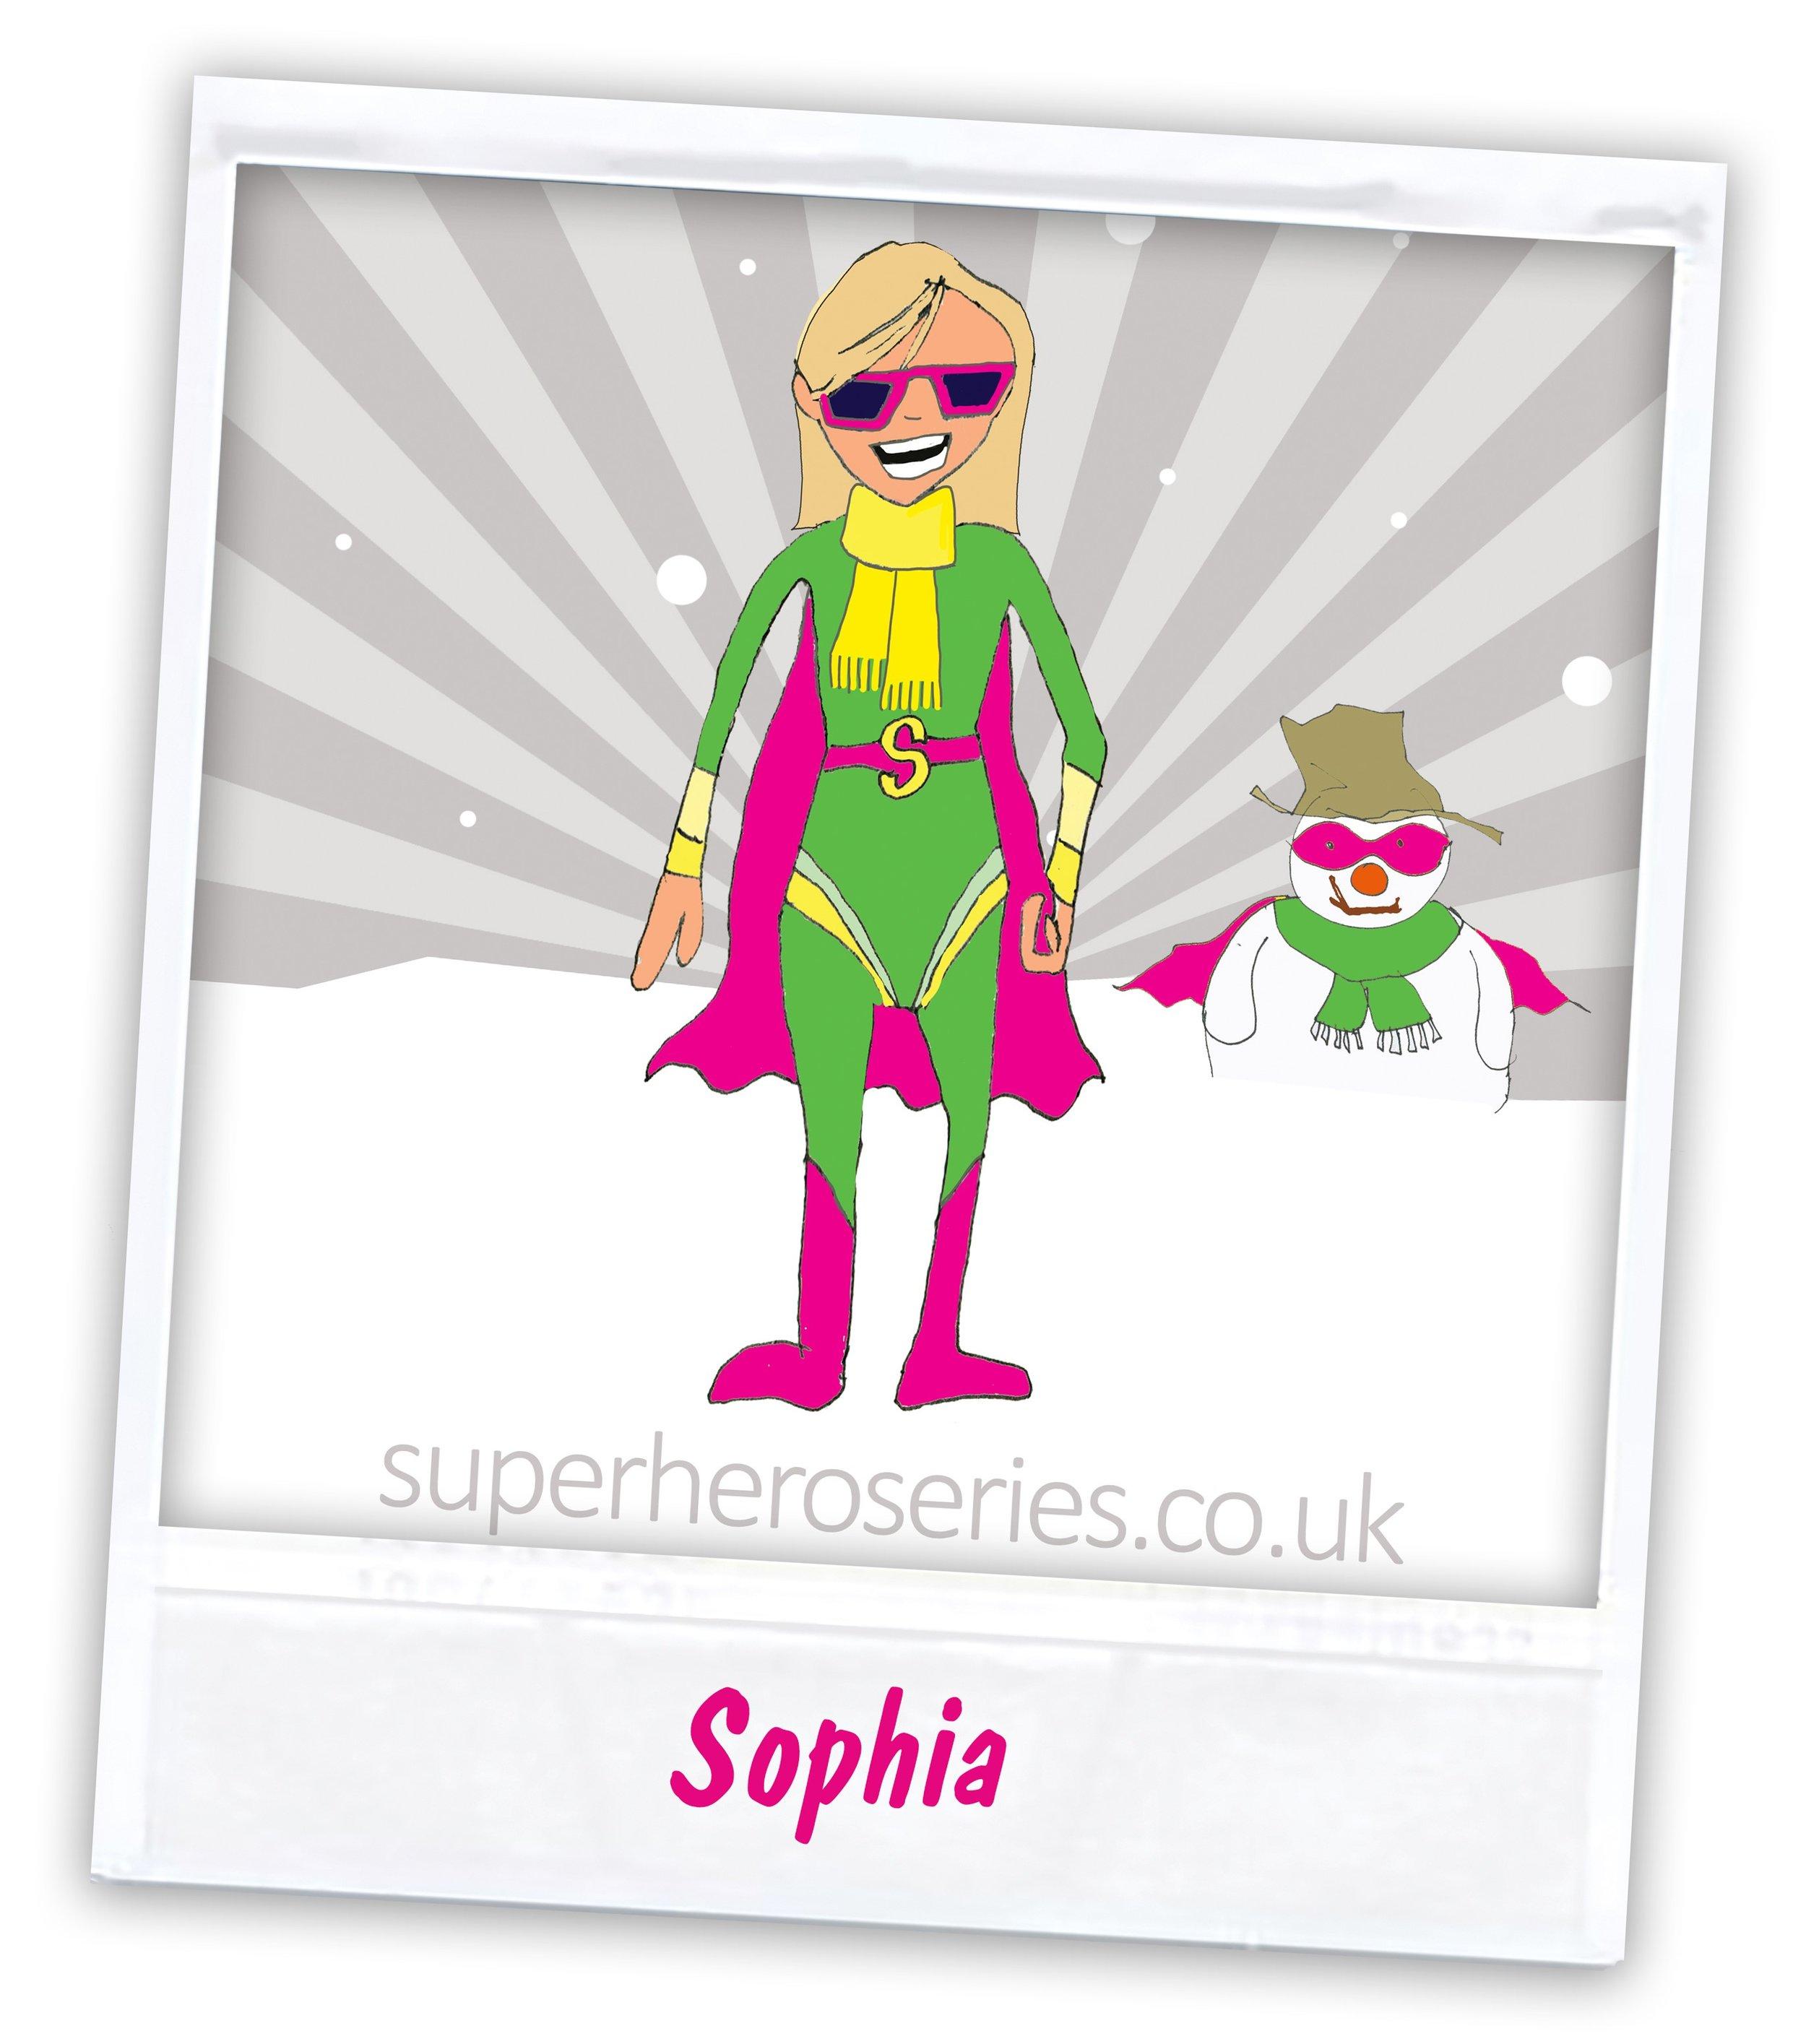 sophia 1.jpg